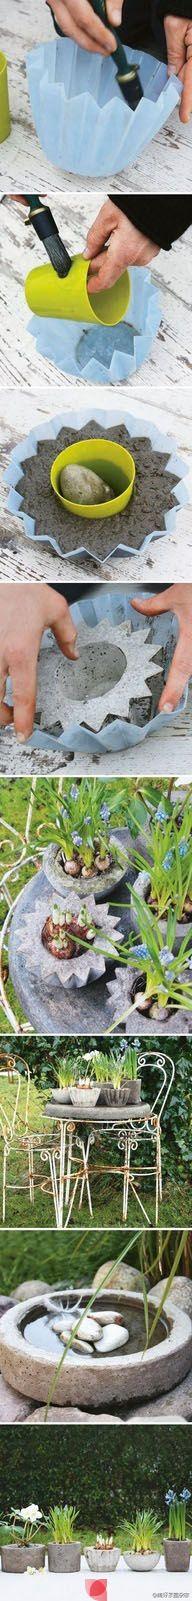 Concrete Planter Idea